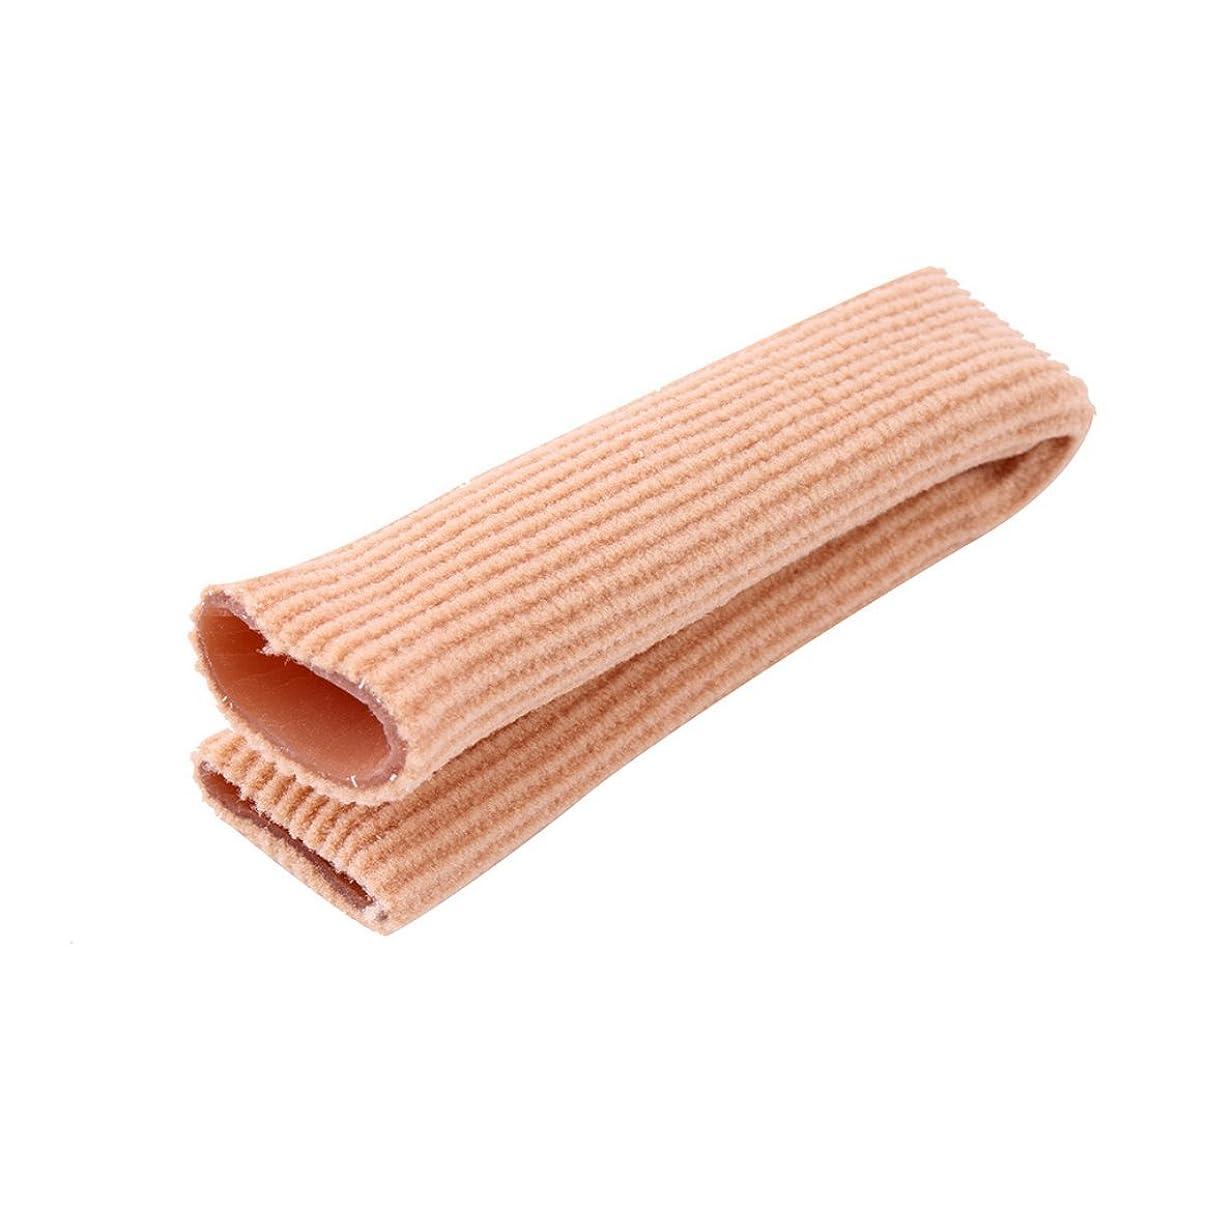 ガム違法広まったファブリックジェルチューブ包帯フィンガー&トゥ保護フットフィート痛み緩和フィートケア用インソール15CMフィートガード